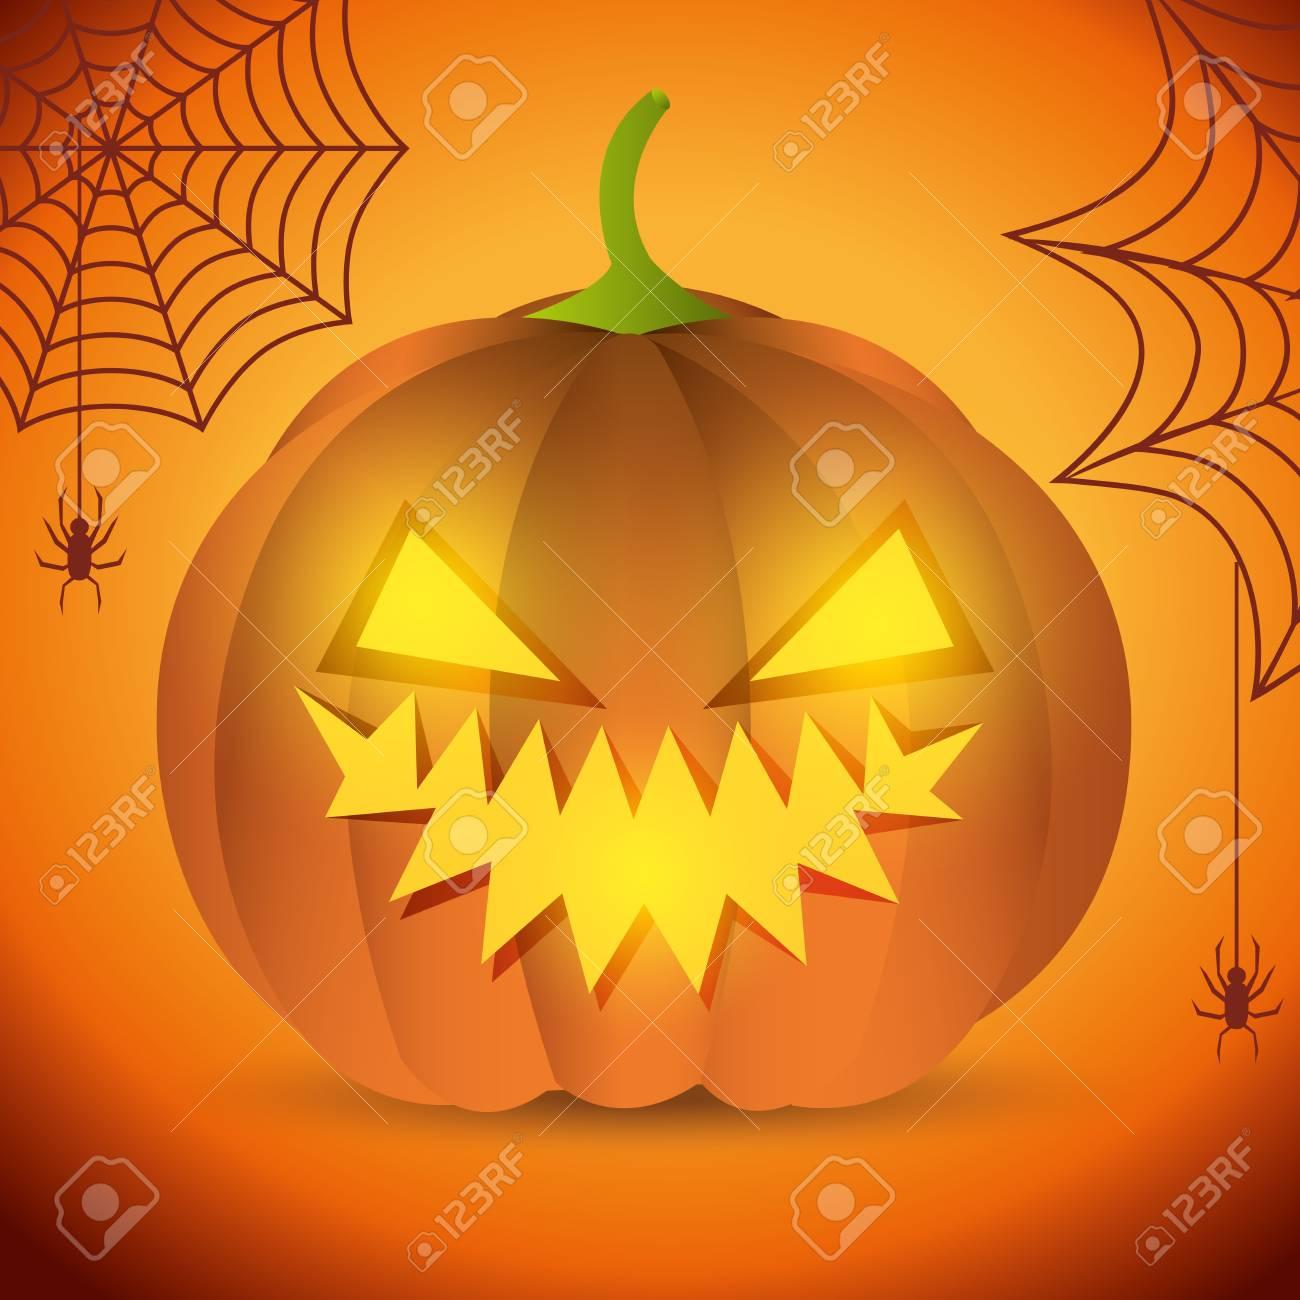 Beste Halloween Kürbis Designs Ideen - Druckbare Malvorlagen ...